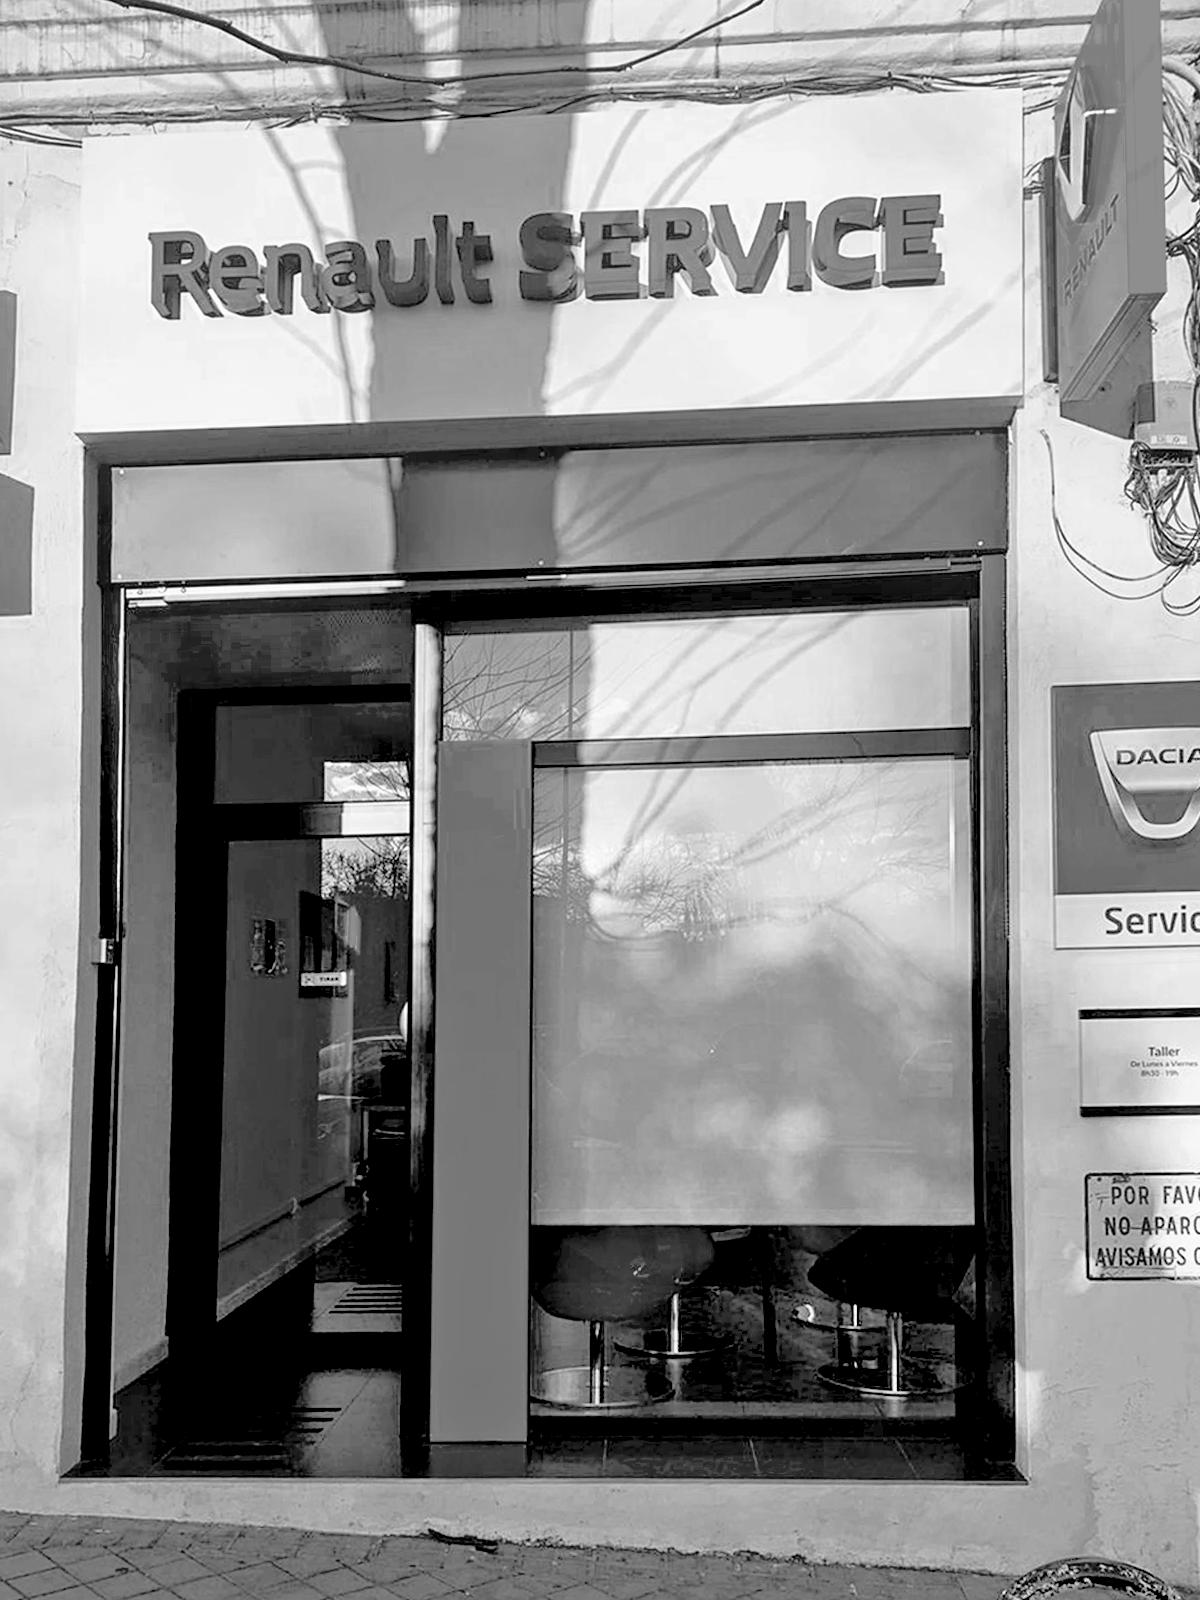 Taller de mecánica barato en Madrid - Servicio Oficial Renault y Dacia